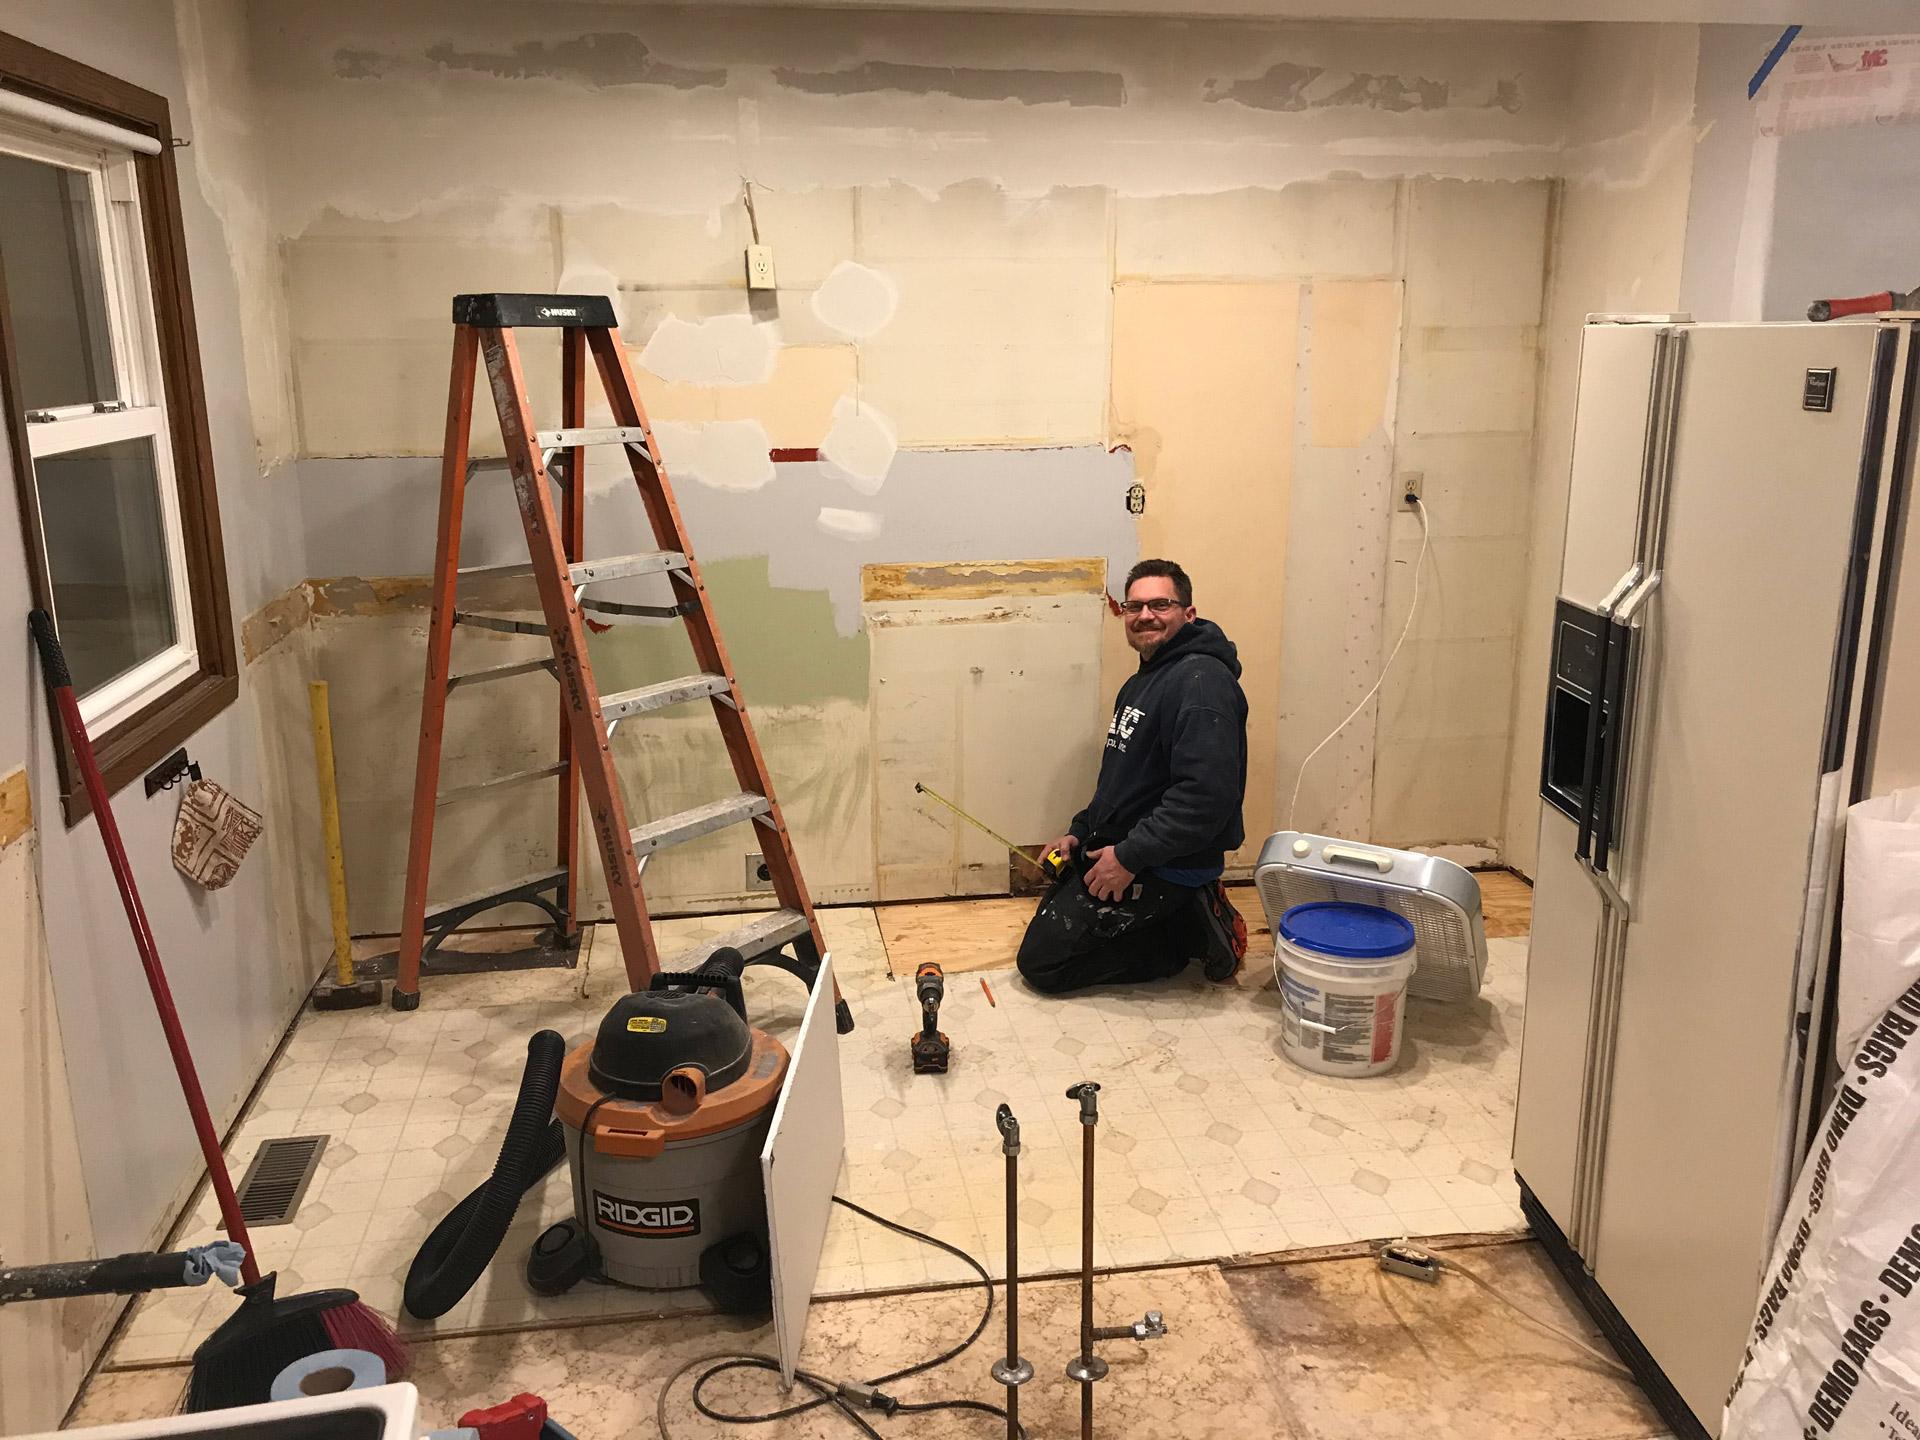 Brandon Perry kneeling in demo'd kitchen